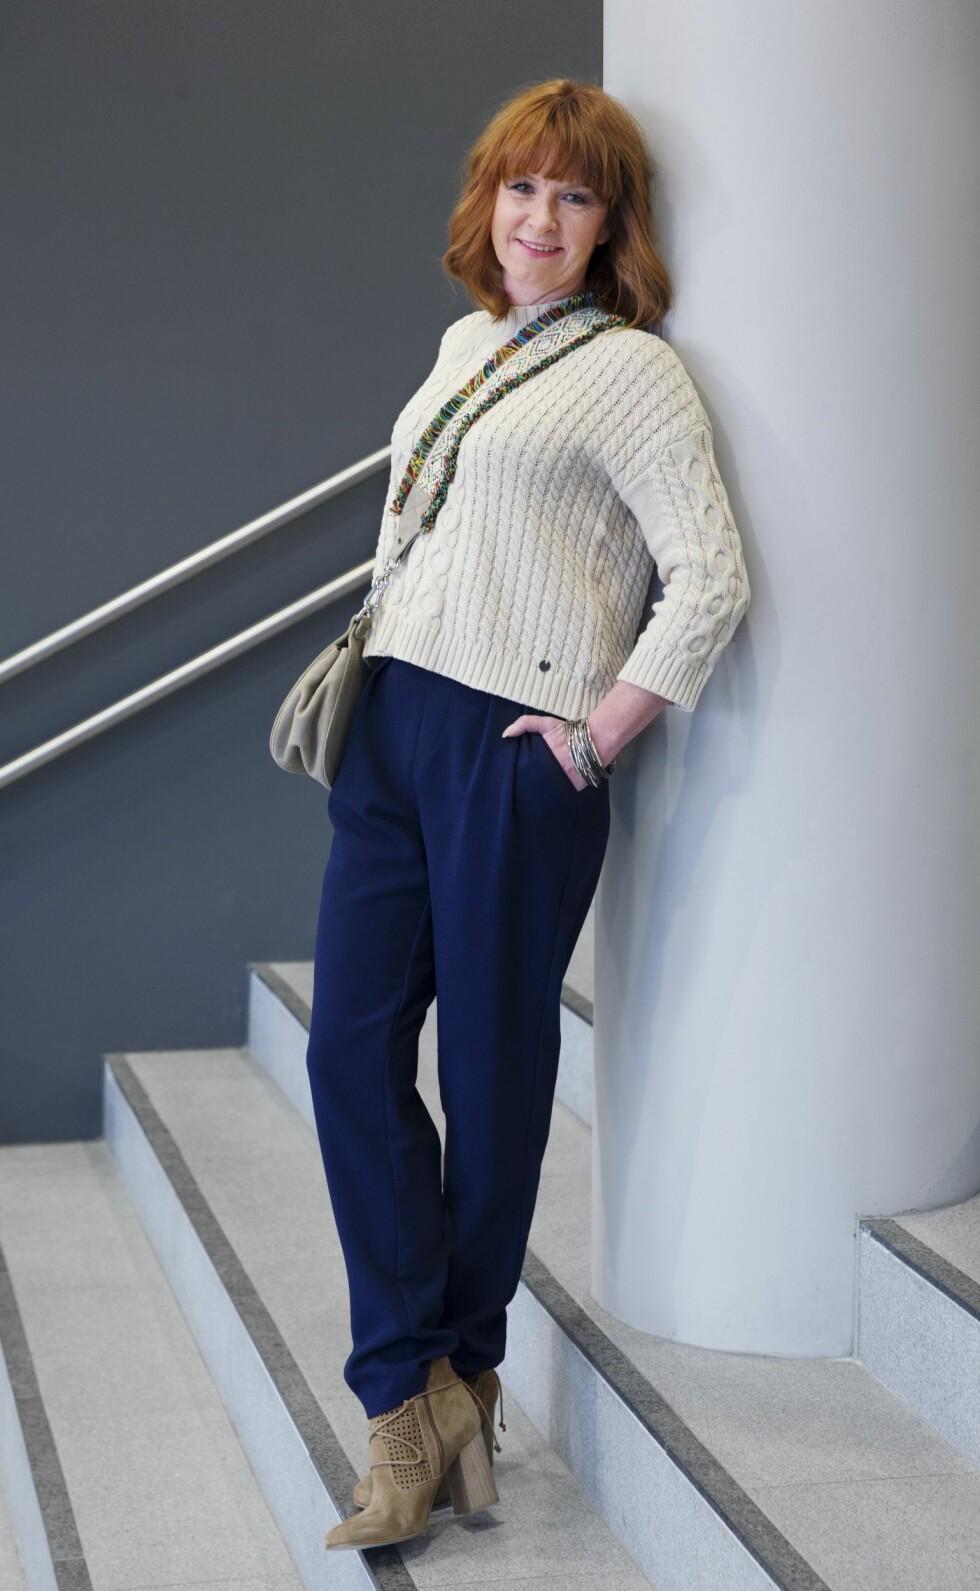 <strong>AVSLAPPET STRIKK:</strong> Blå bukser (kr 300, Gina Tricot), strikkegenser (kr 800, Pulz Jeans), semskede skoletter (kr 1300, Tamaris), semsket veske (kr1300, Unisa), dekorativt armbånd (kr 250, Bjørklund). Et nøytralt og nedtonet antrekk blir mer spennende med en dekorativ veske. Foto: Yvonne Wilhelmsen